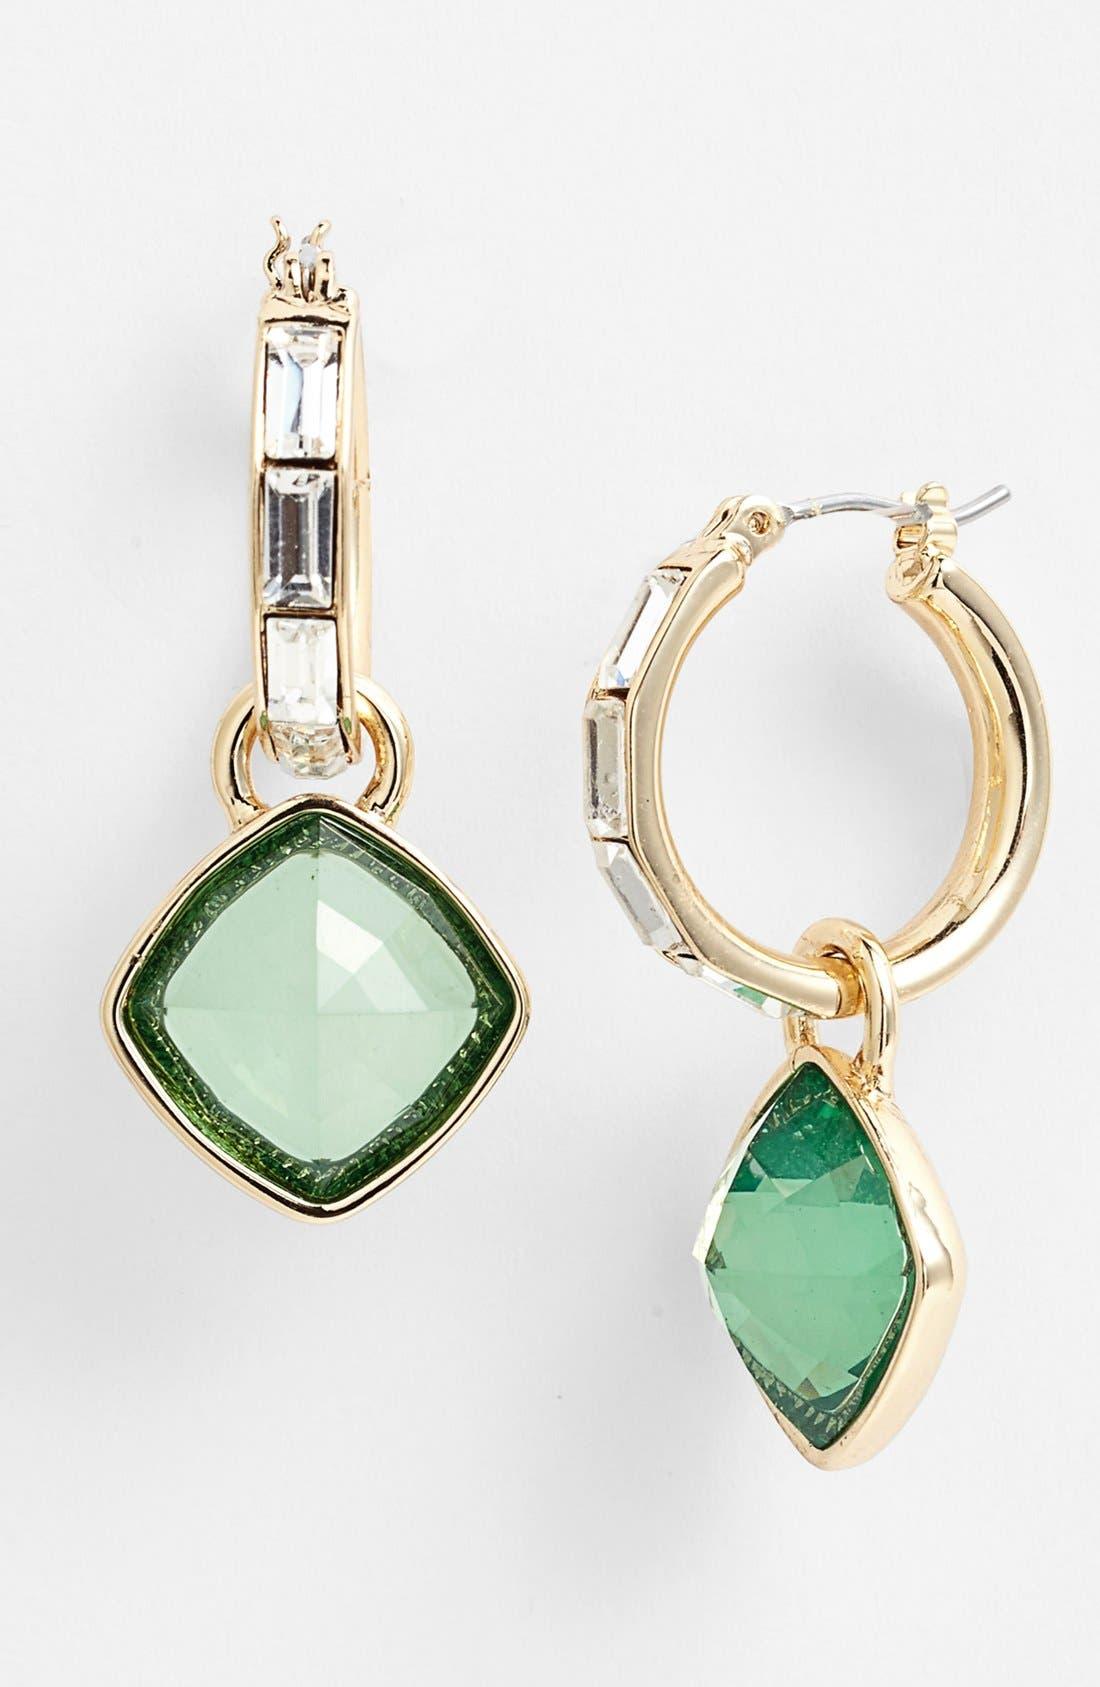 Main Image - Anne Klein Cushion Cut Stone Drop Earrings